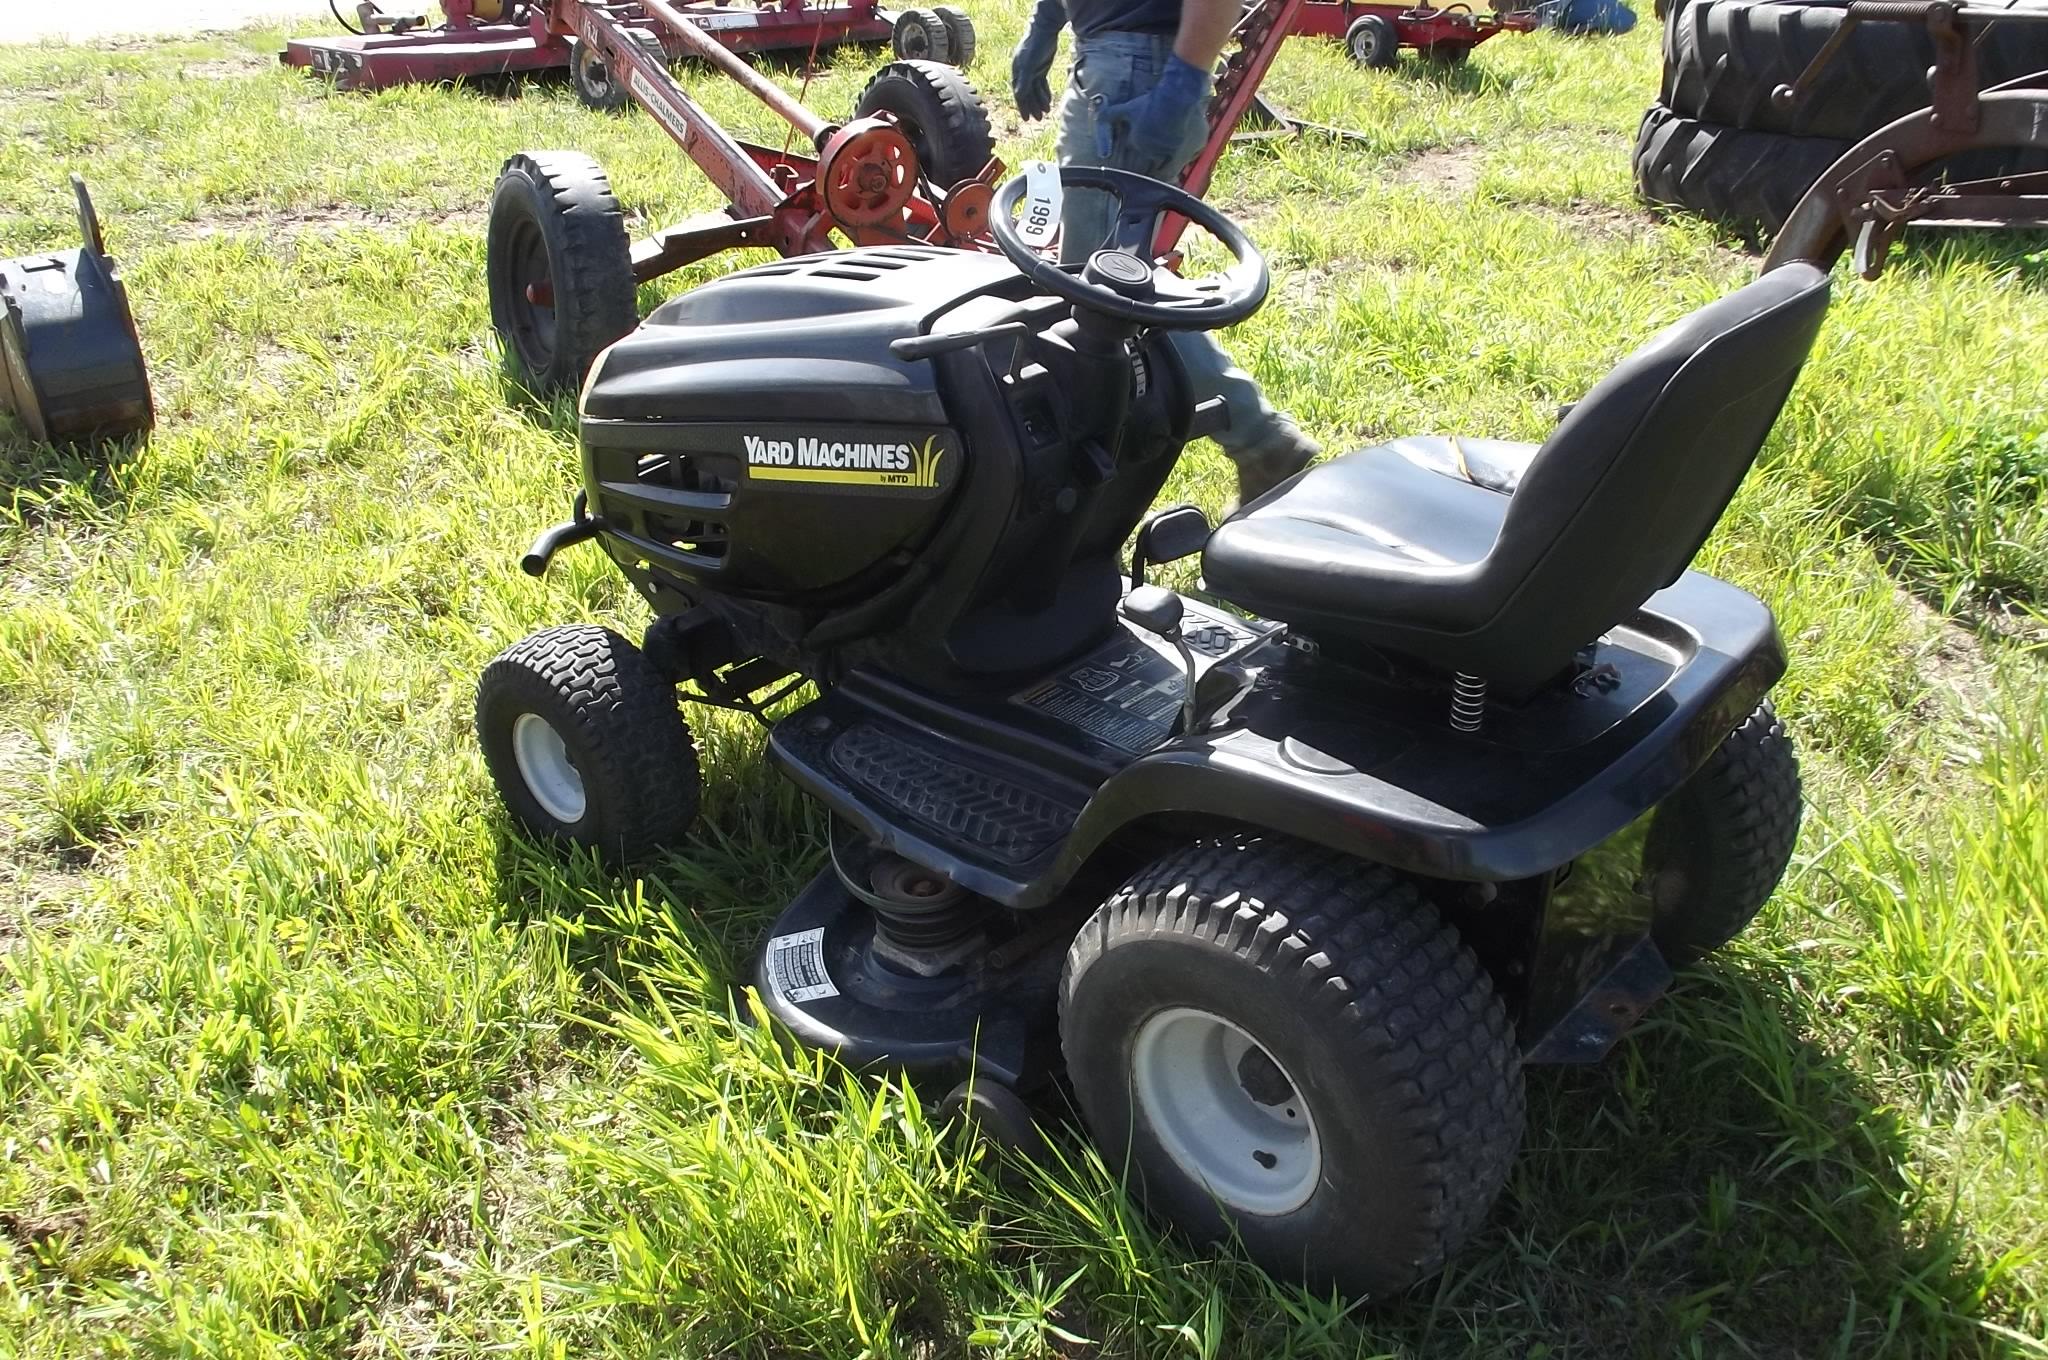 2000 yard machine mower